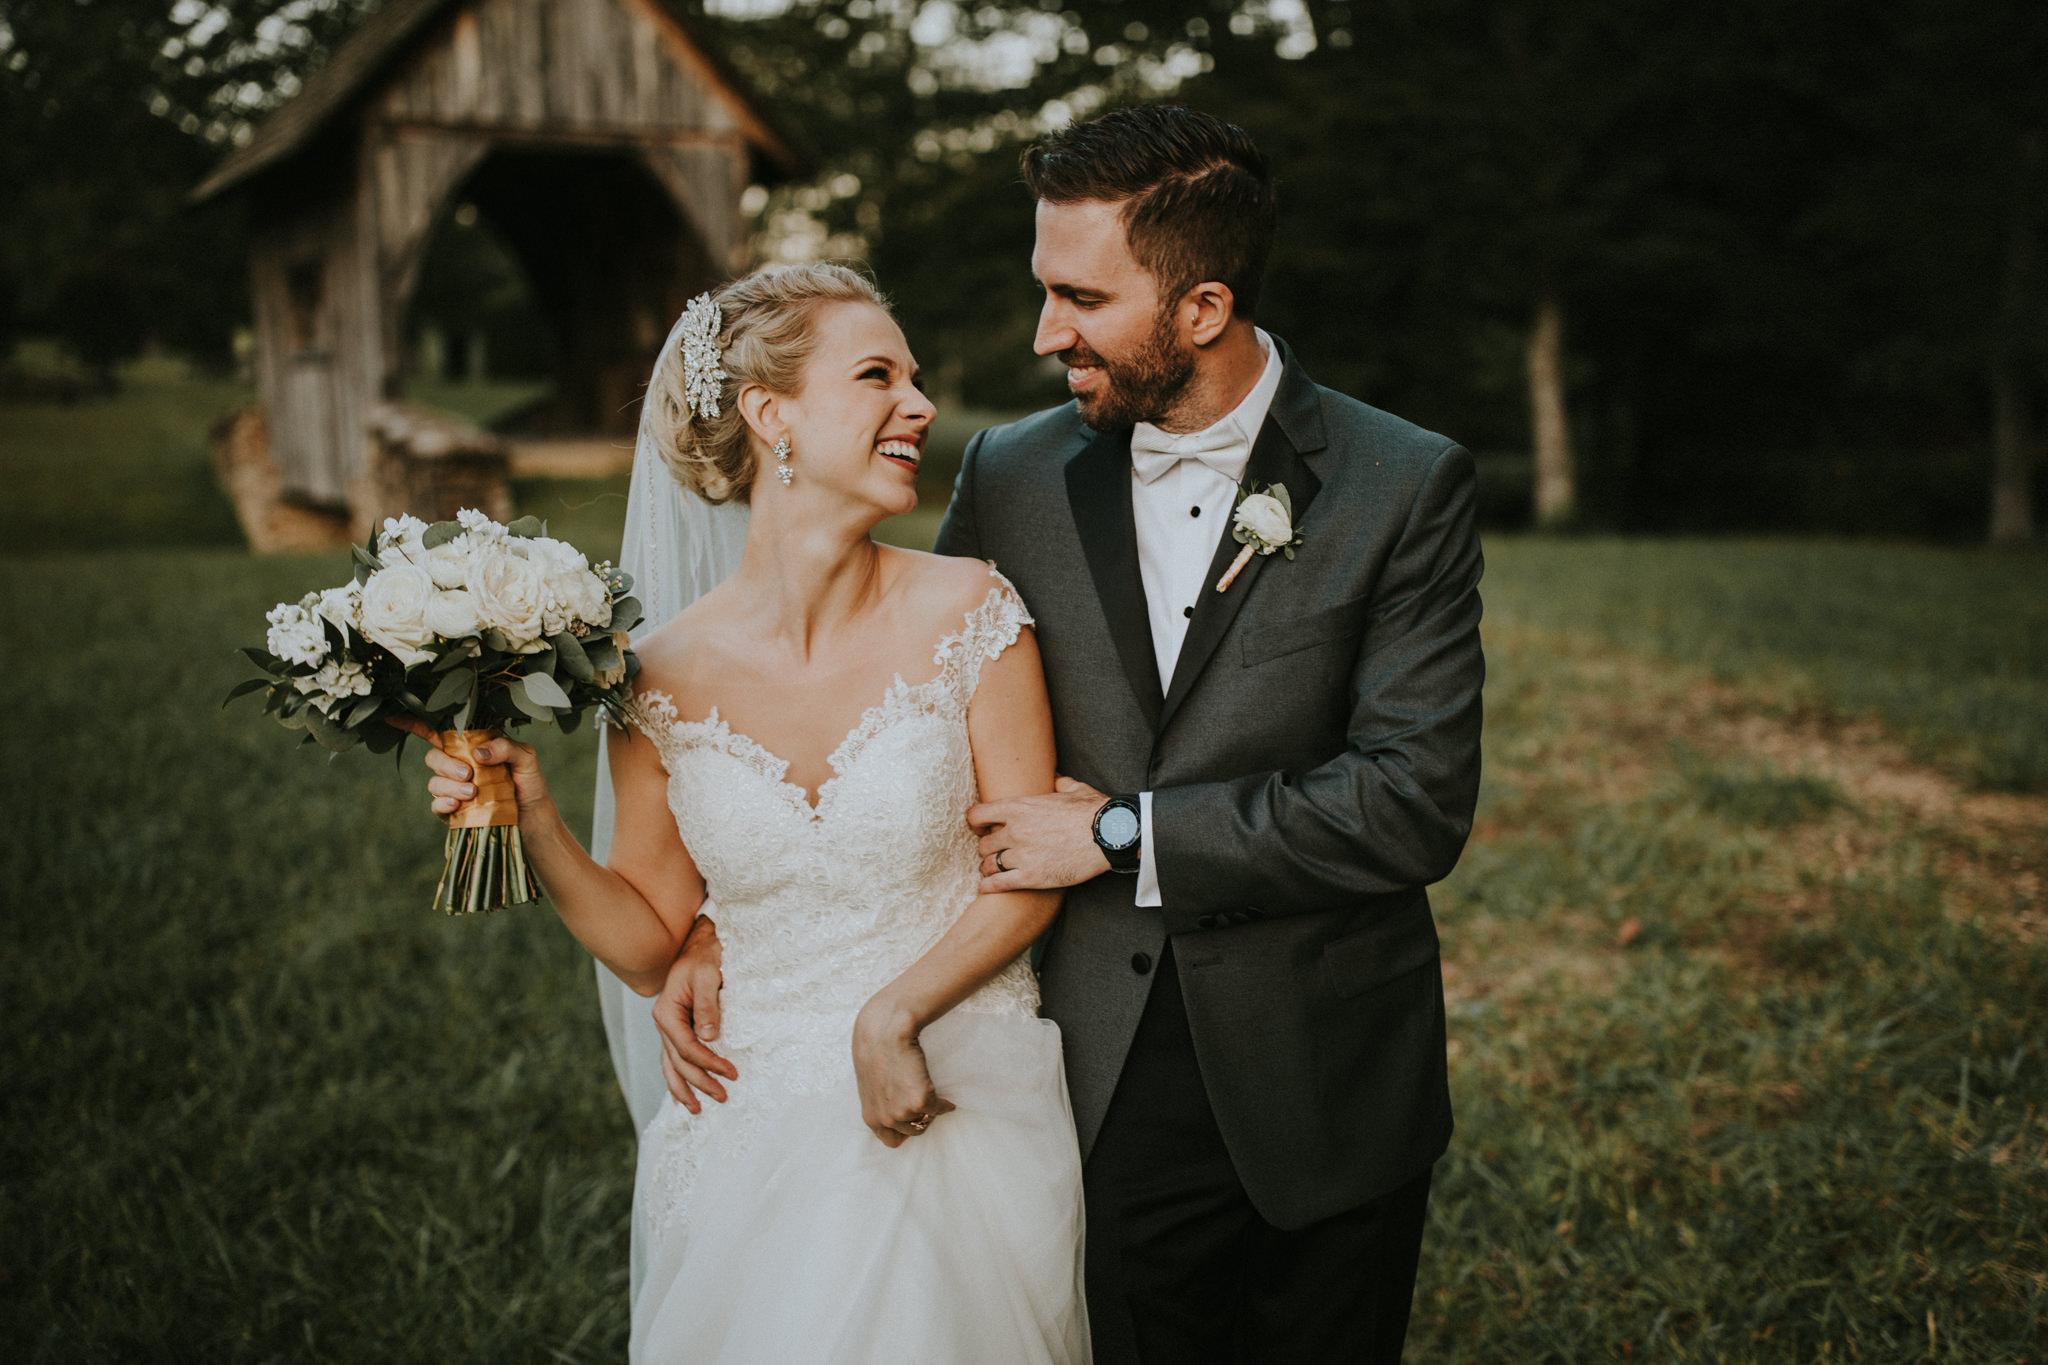 Wedding Photographer Evansville